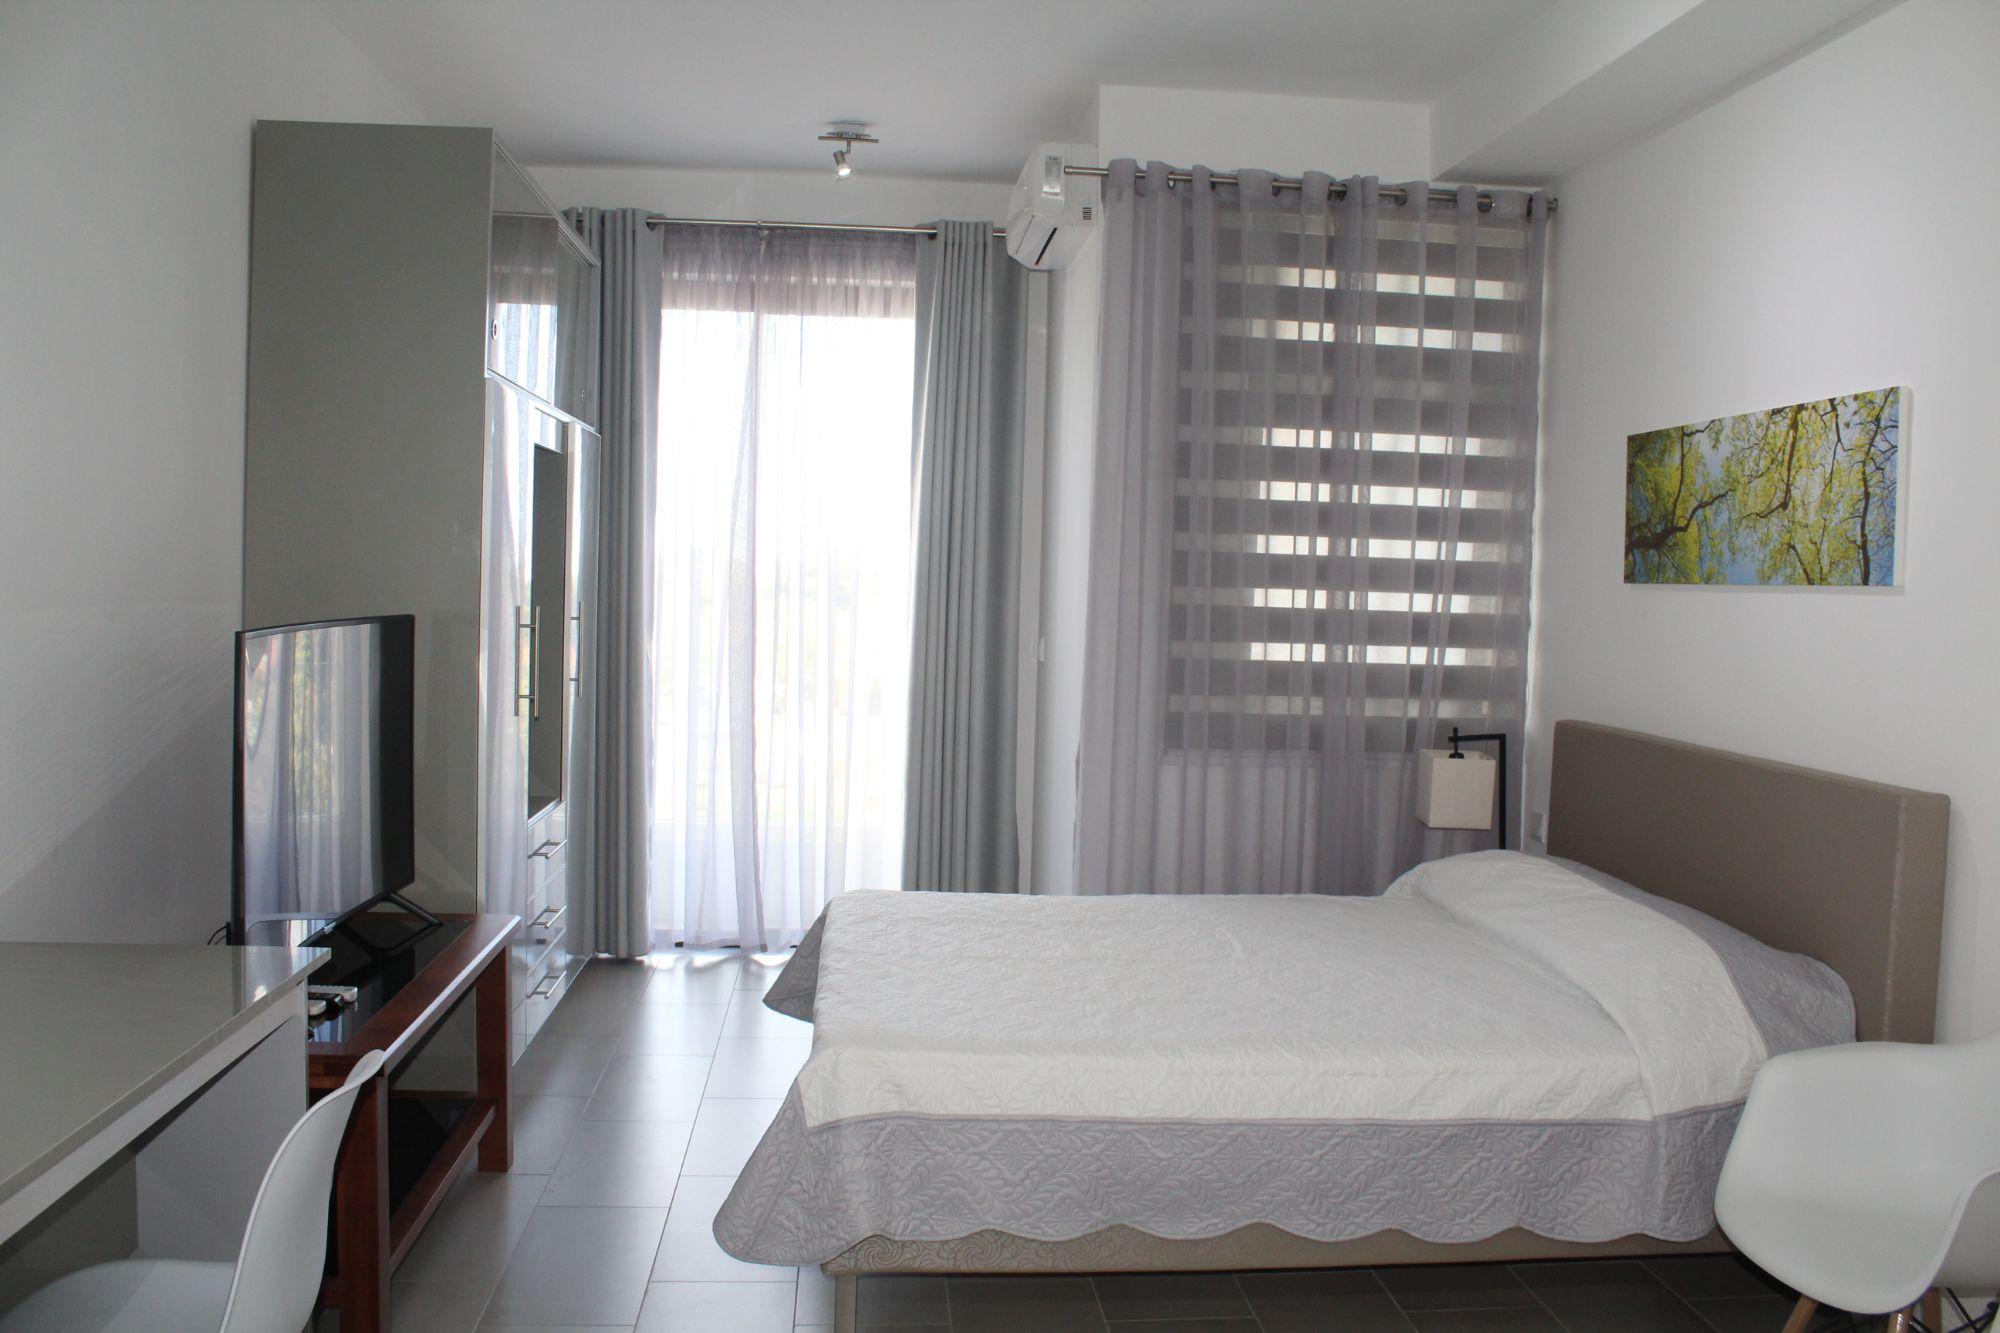 Magnifique studio meublé et équipé de 38 m2 situé dans une résidence sécurisée 24H/24, proche de toutes commodités à Ebène